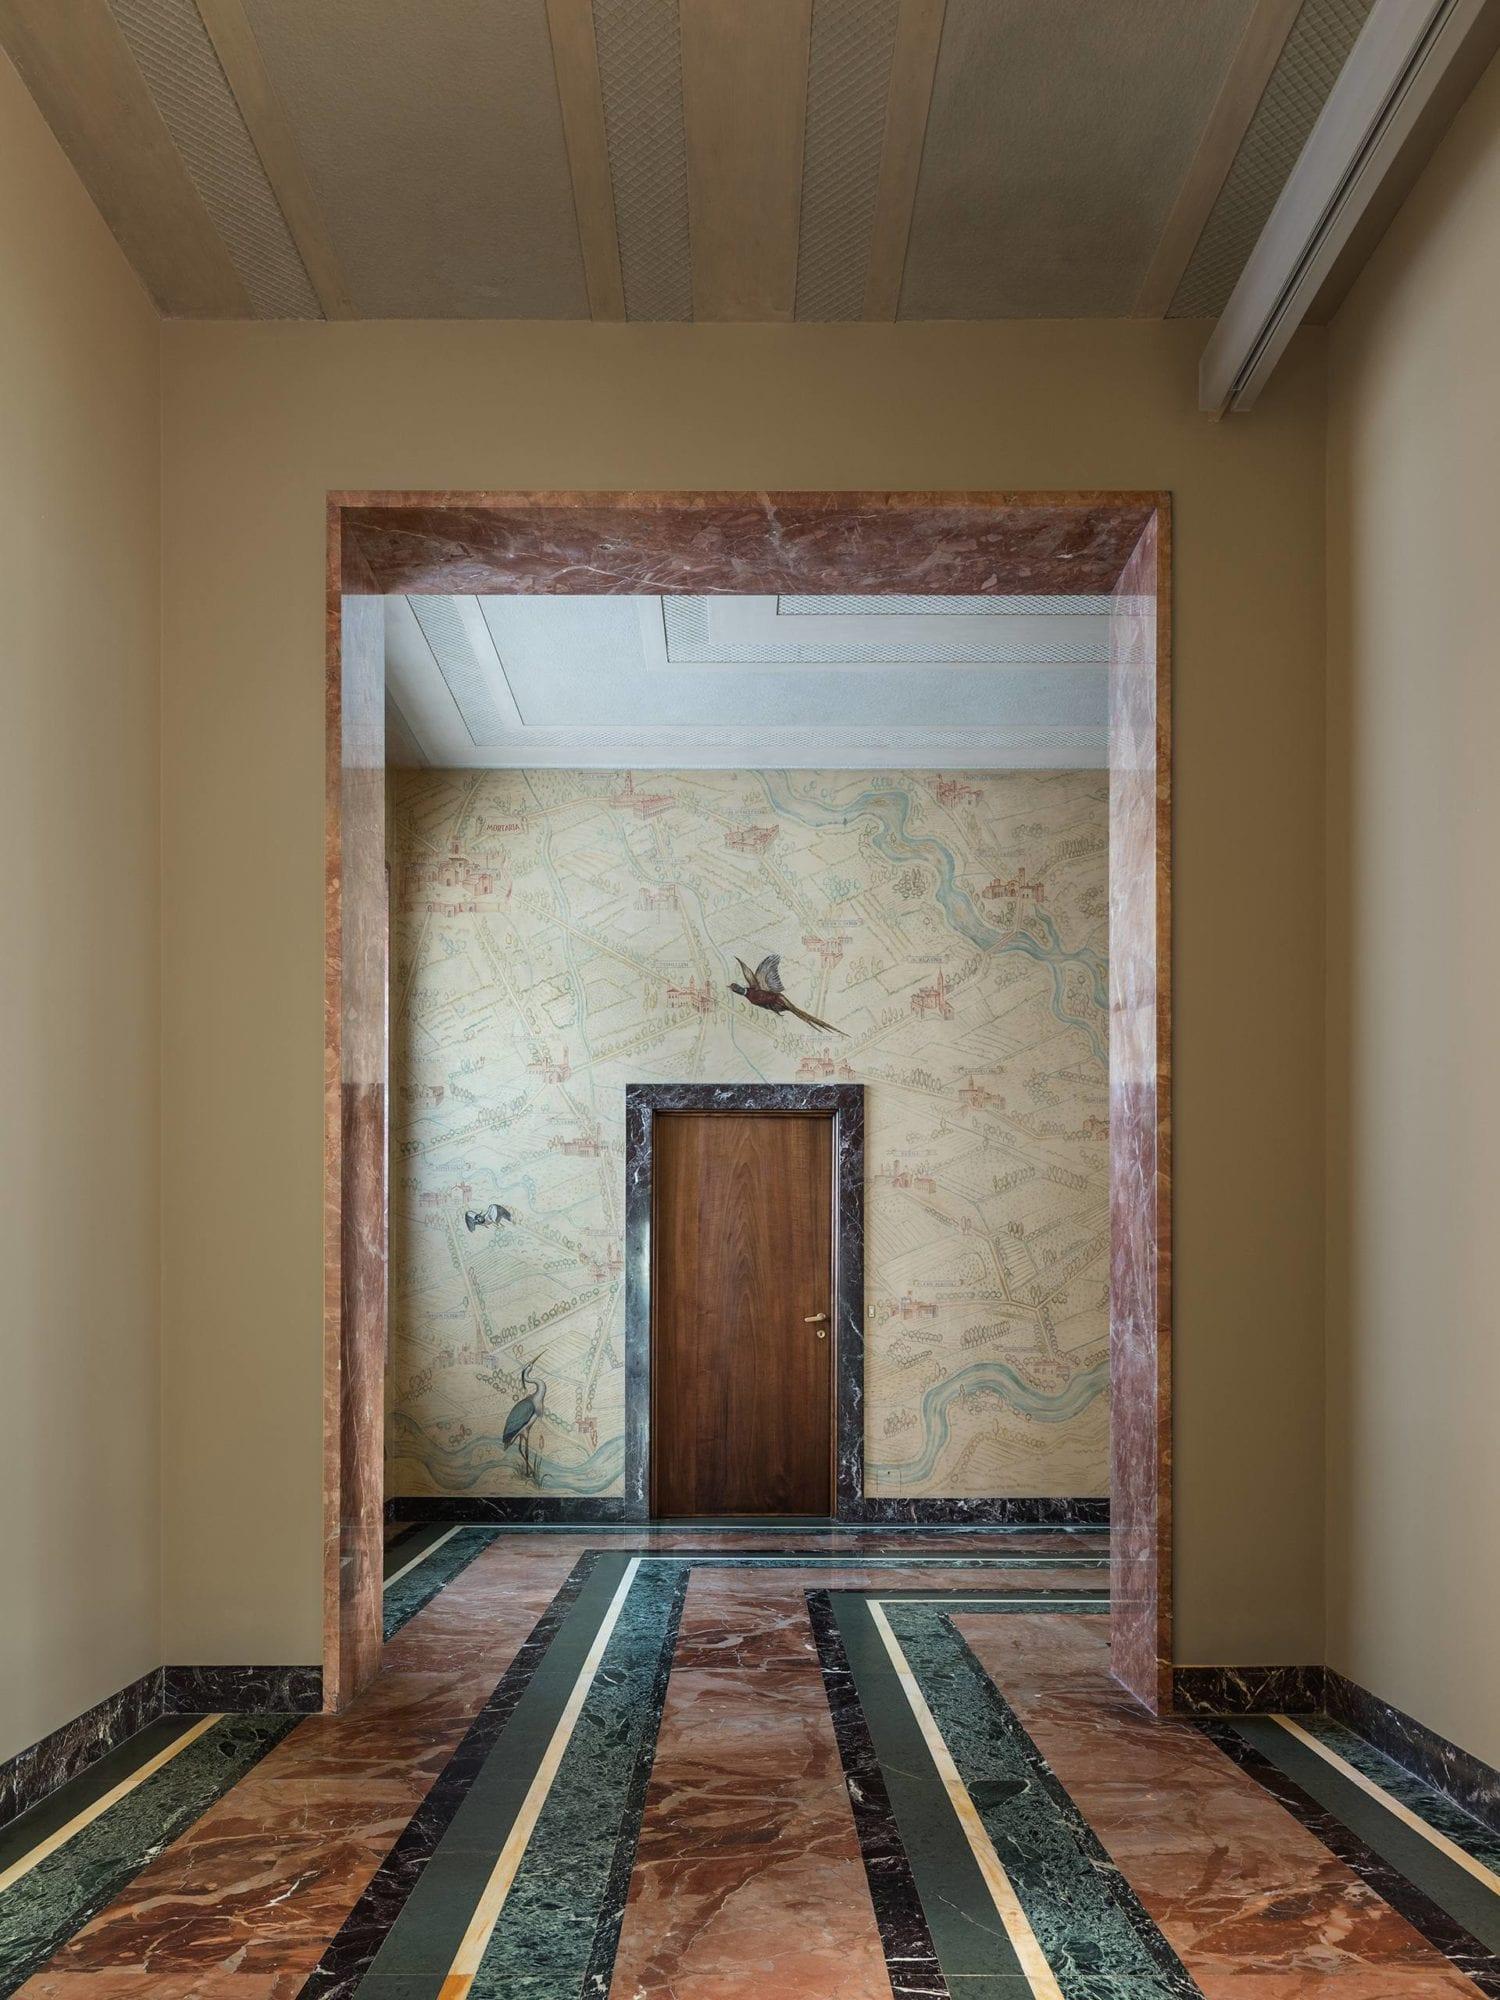 1930s Piero Portaluppi Milan Apartment Transformed Into Massimo De Carlo Gallery By Studio Binocle And Antonio Citterio Yellowtrace 03